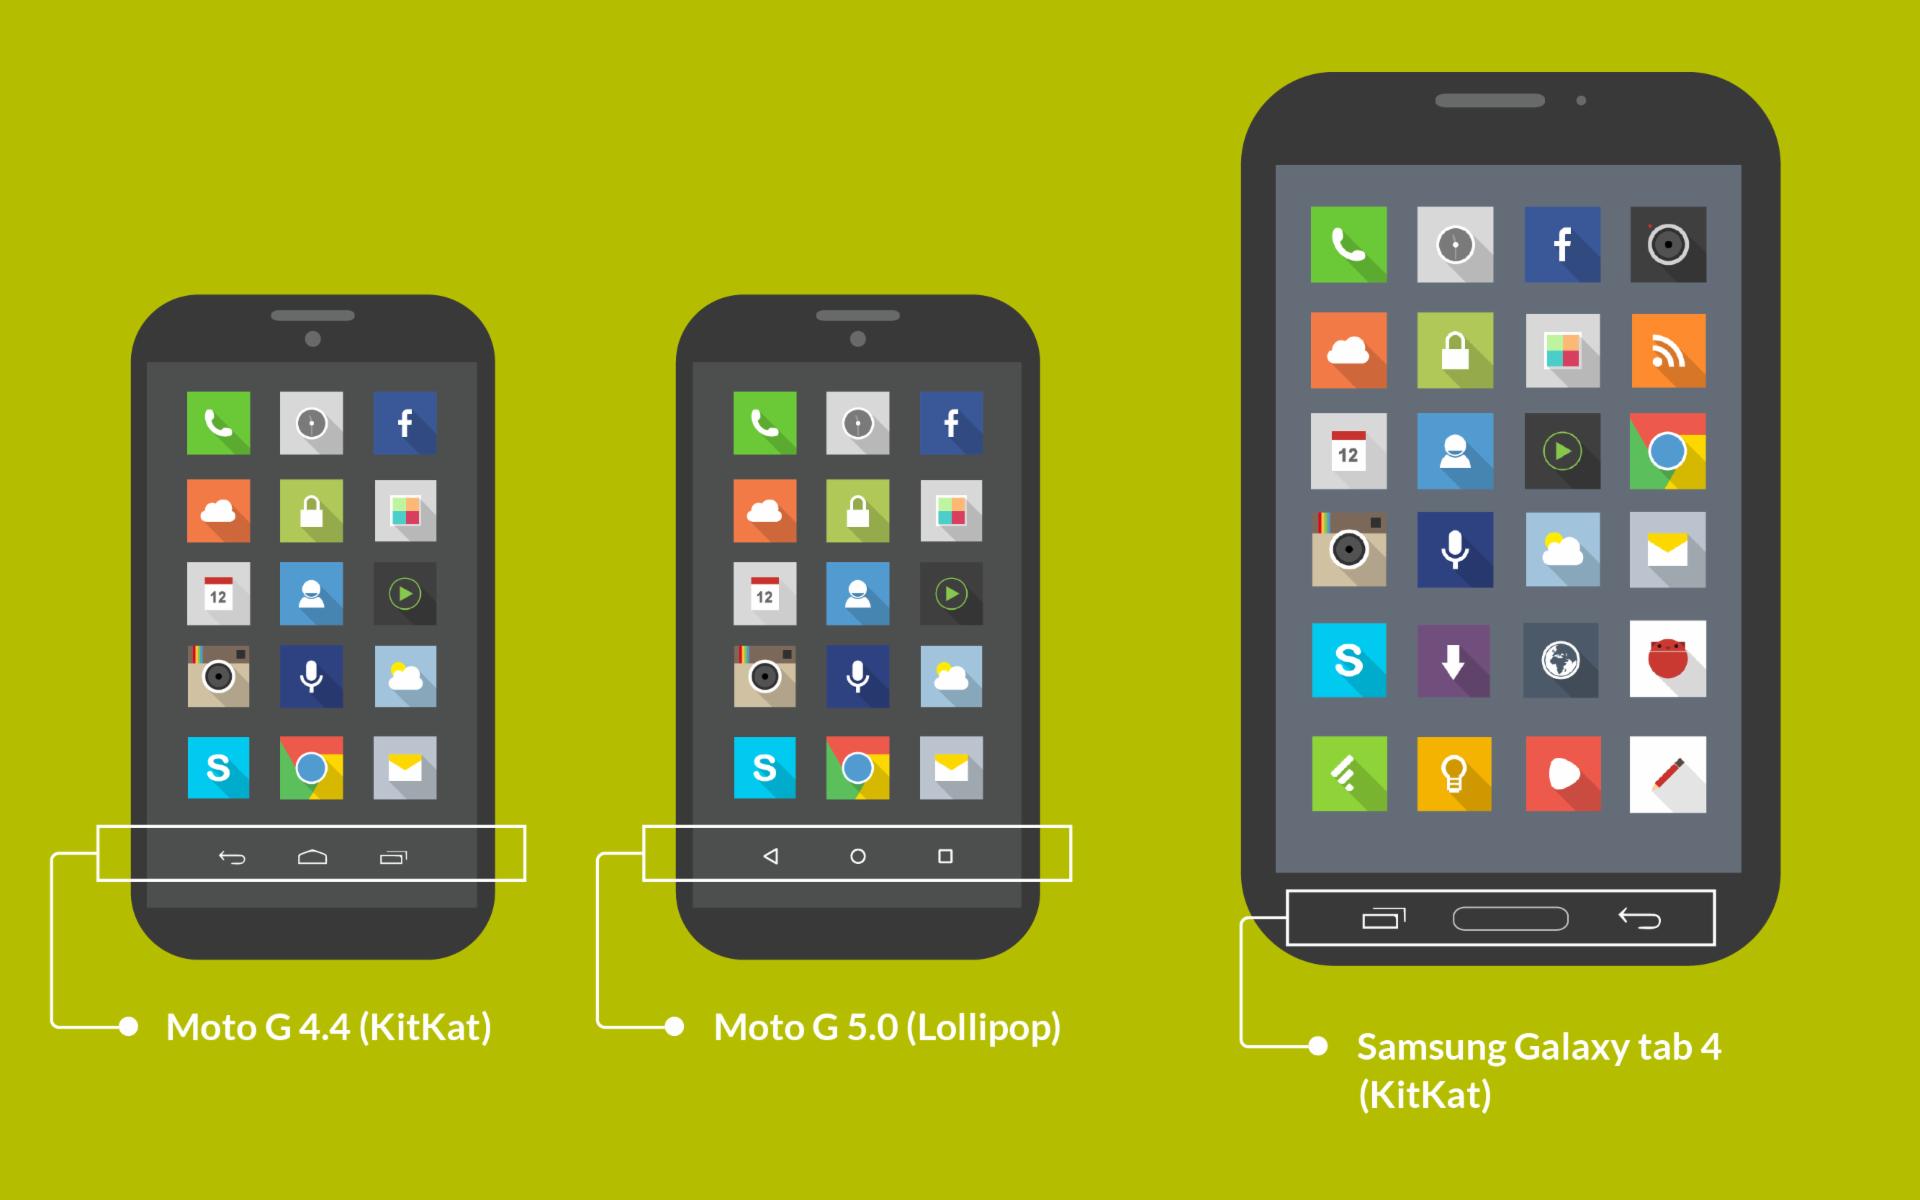 Vista comparativa de tres modelos de botones de navegación de Android.